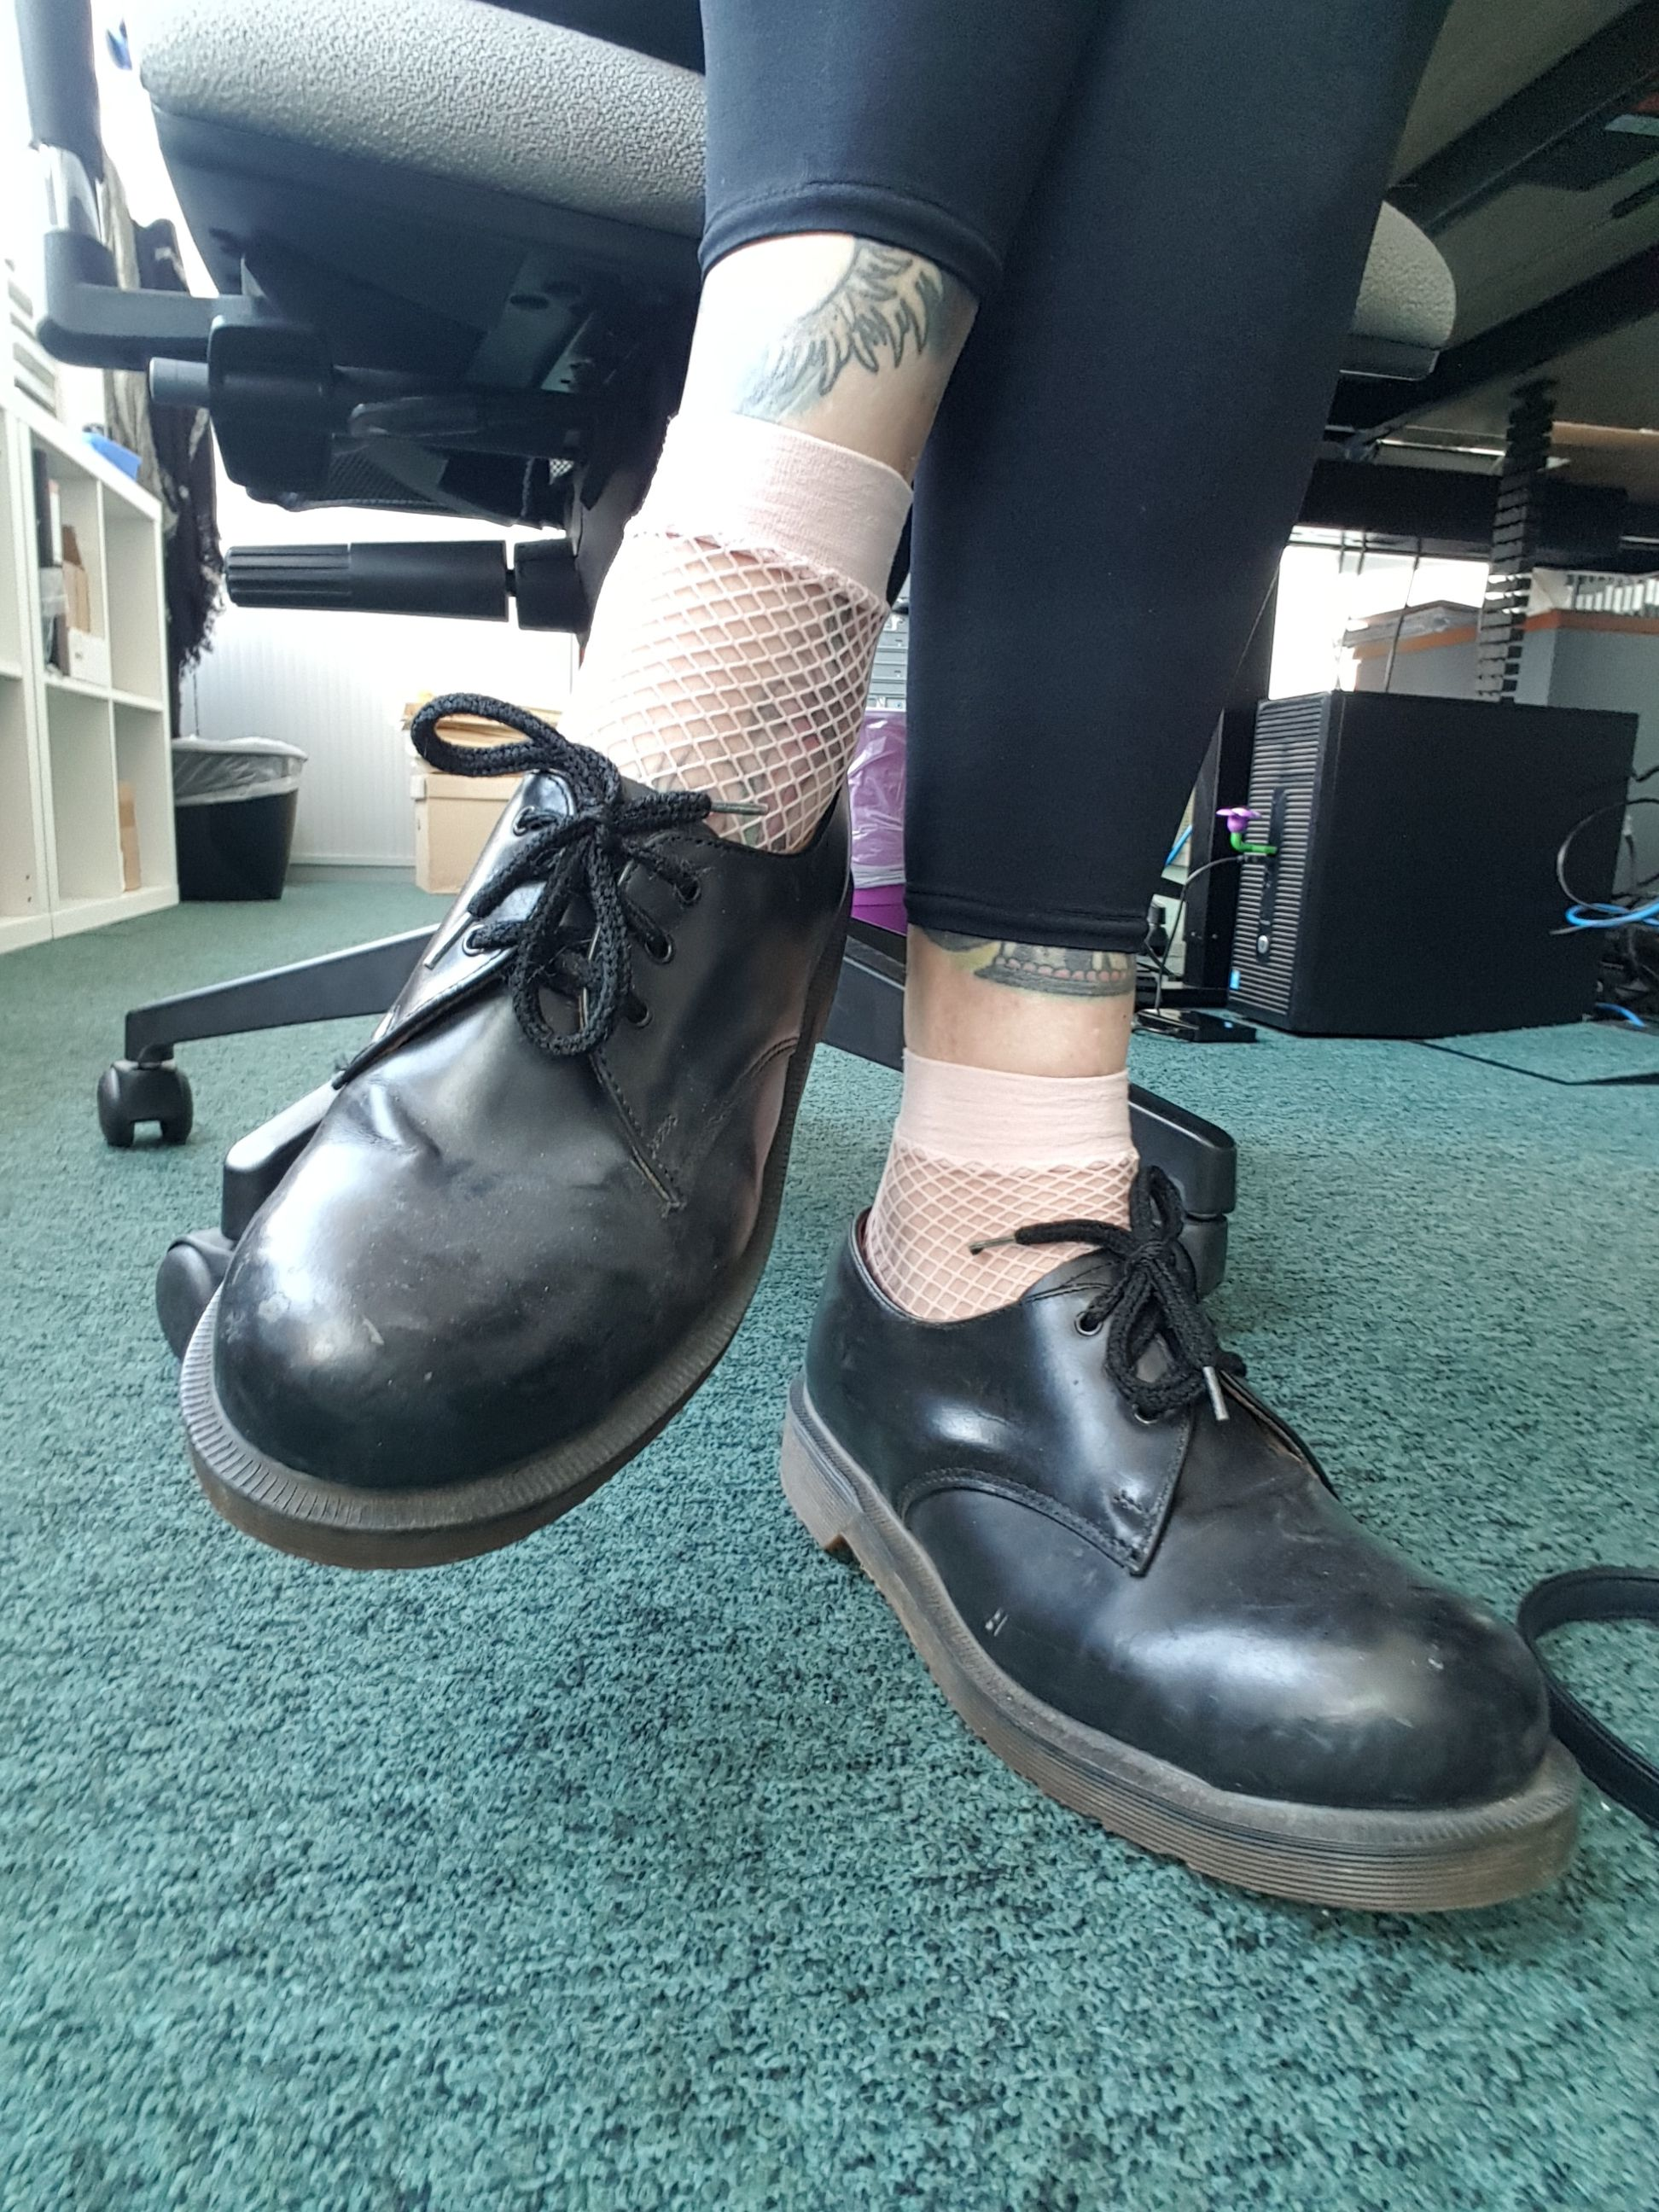 8a969cda1da2 1925 noires coquées Mie Dr Martens Boots